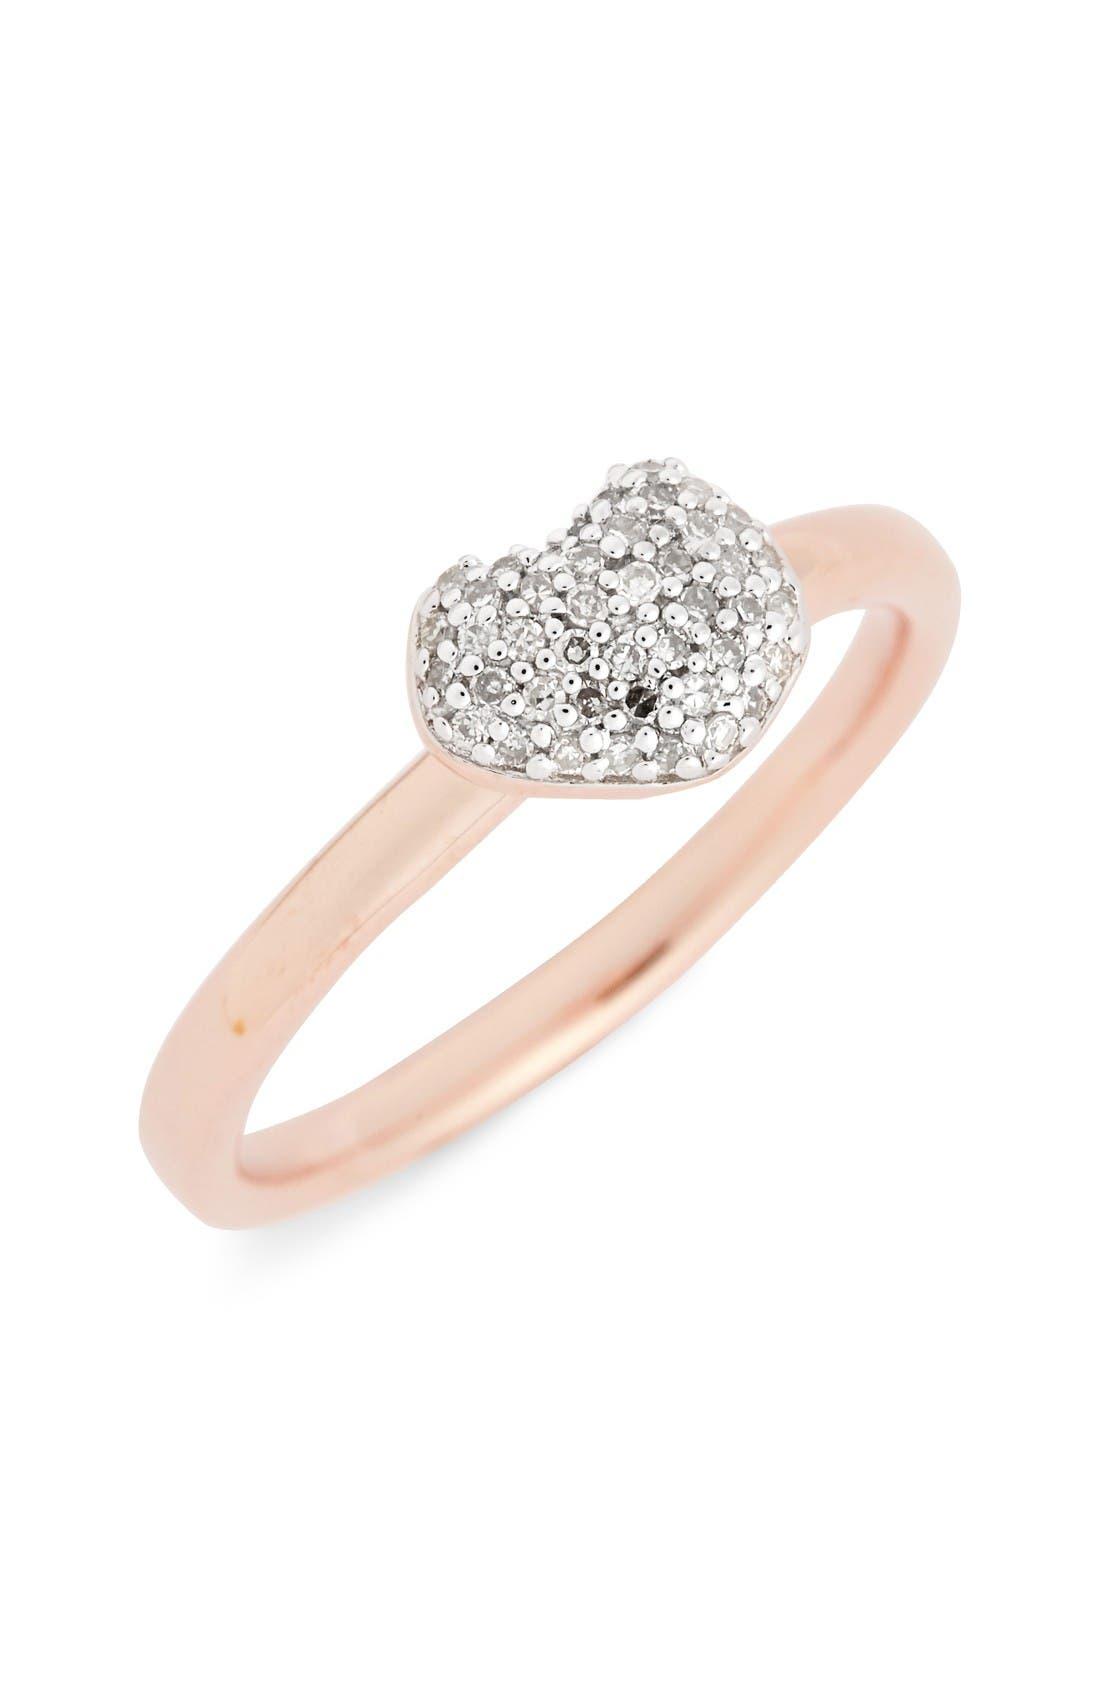 Nura Pavé Diamond Ring,                         Main,                         color, Rose Gold/ Diamond